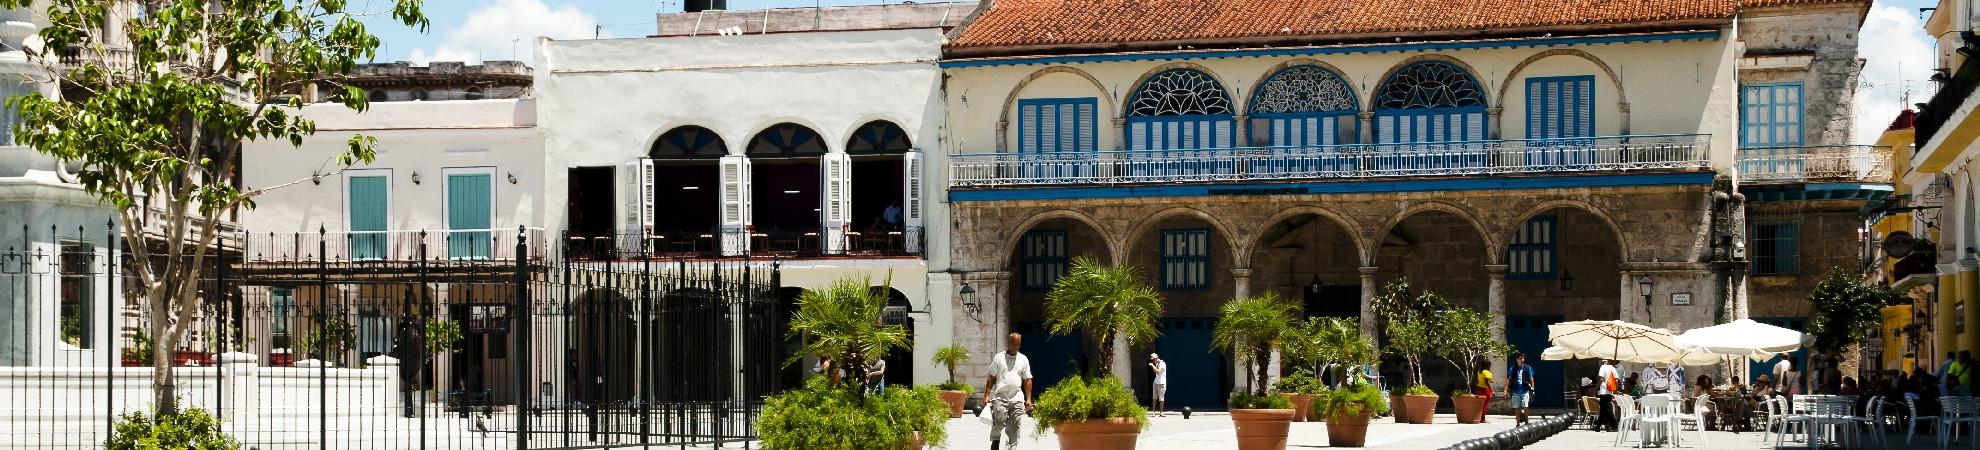 Voyage La Havane